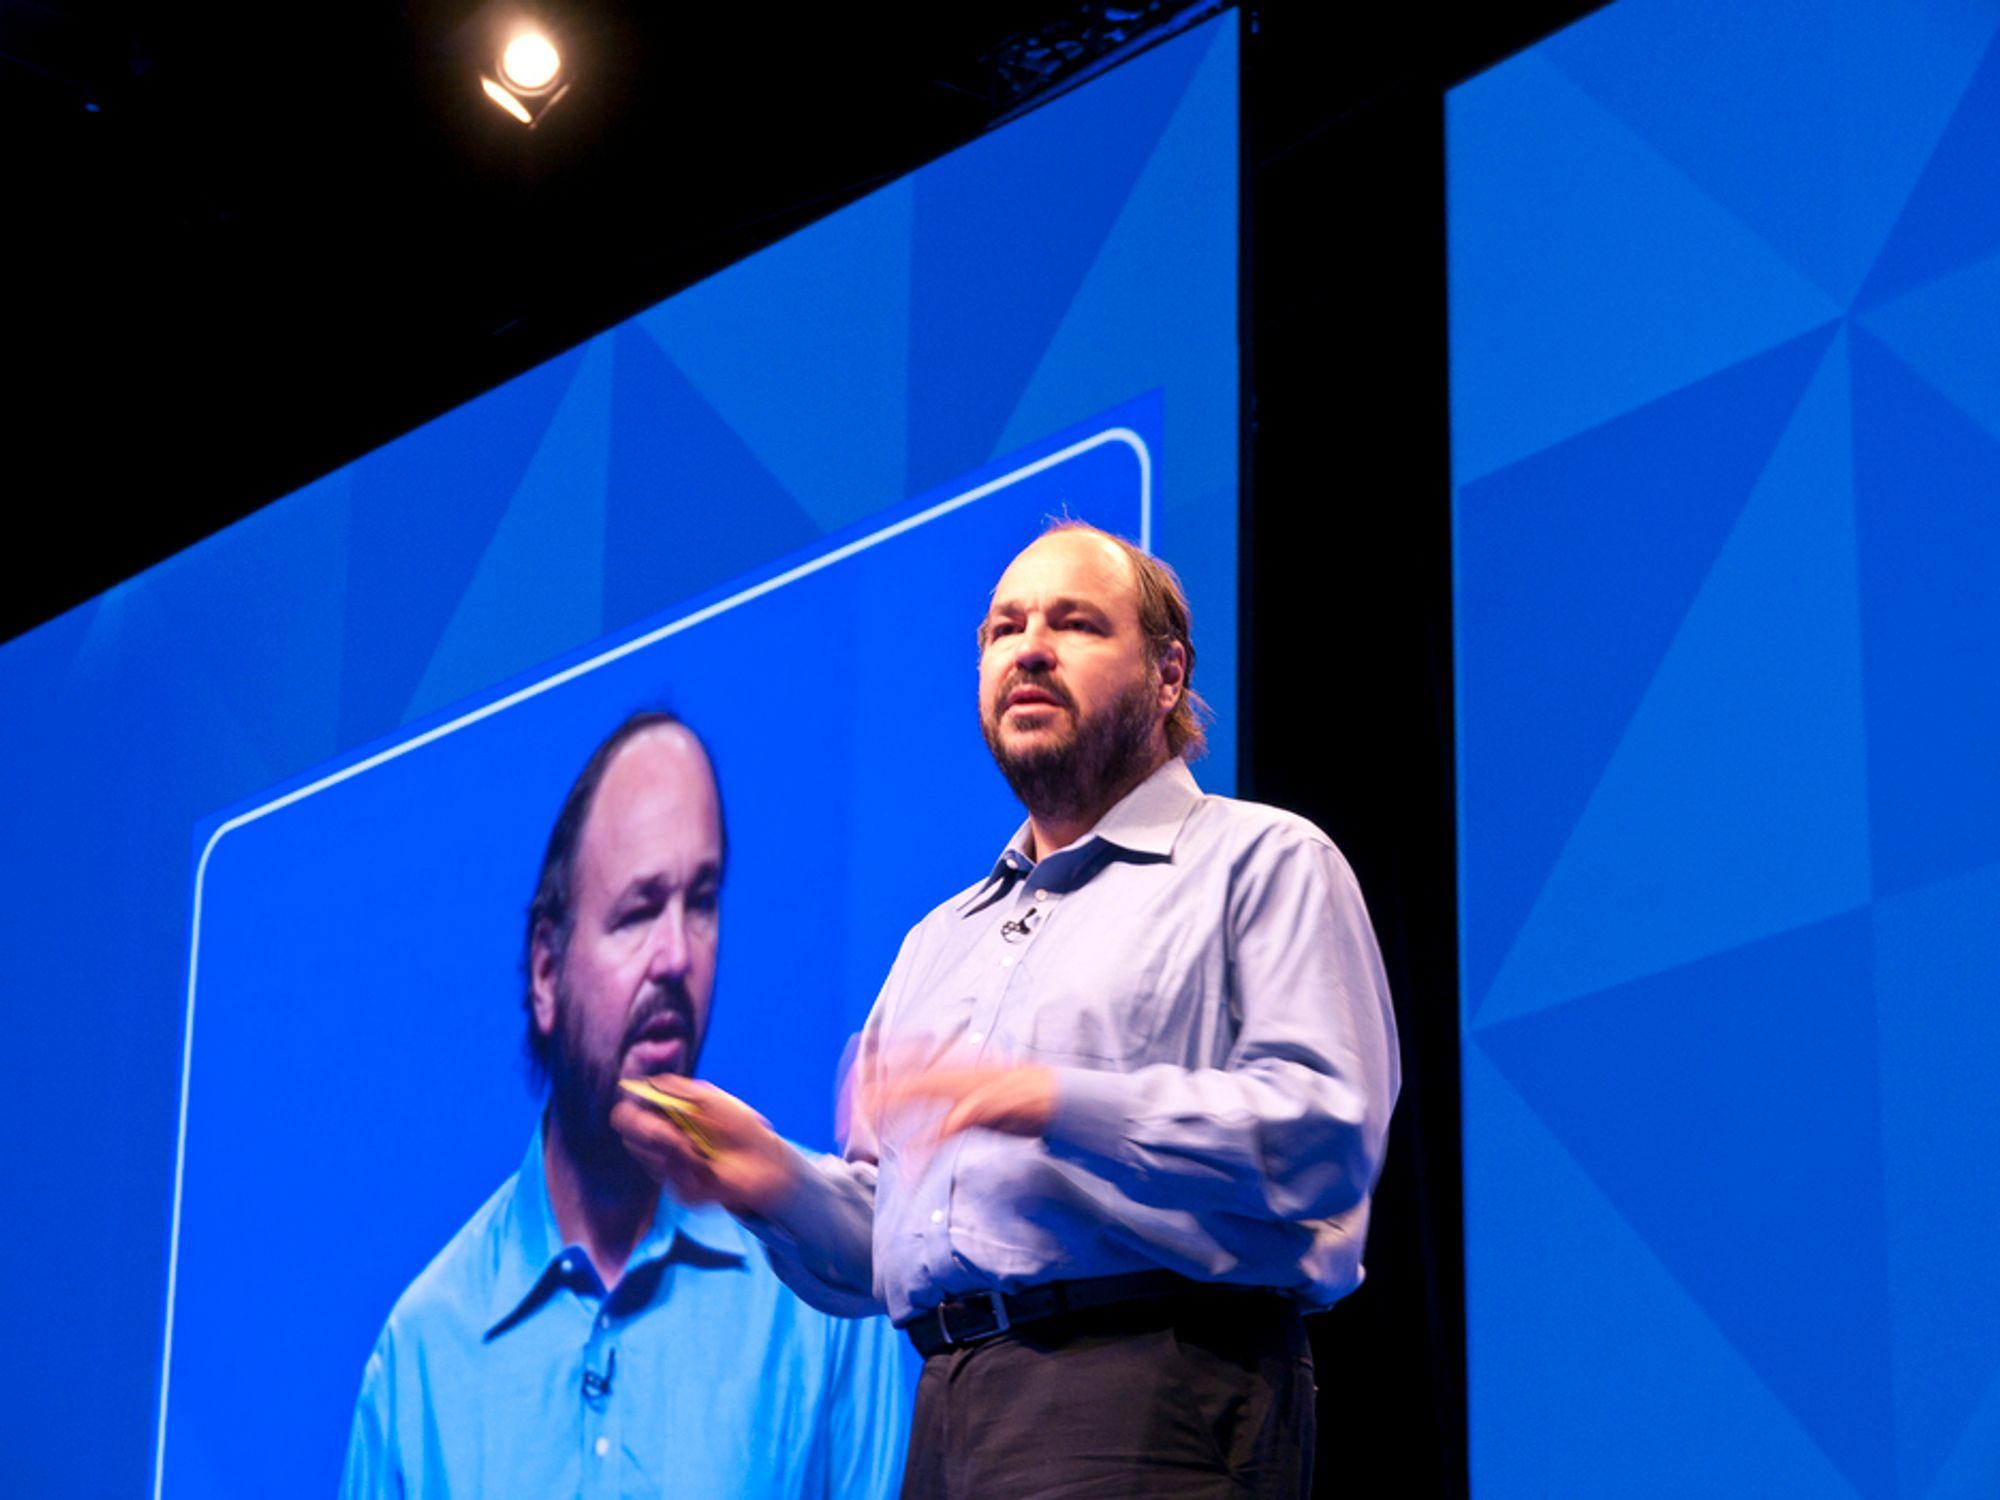 LEDER RACET: VMwaresjefen Paul Maritz kan konstatere at selskapet hans har stor ledelse innen virtualisering. Nå lanserer de en rekke nyheter som skal sikre posisjonen etterhvert som nettskyen vokser frem.